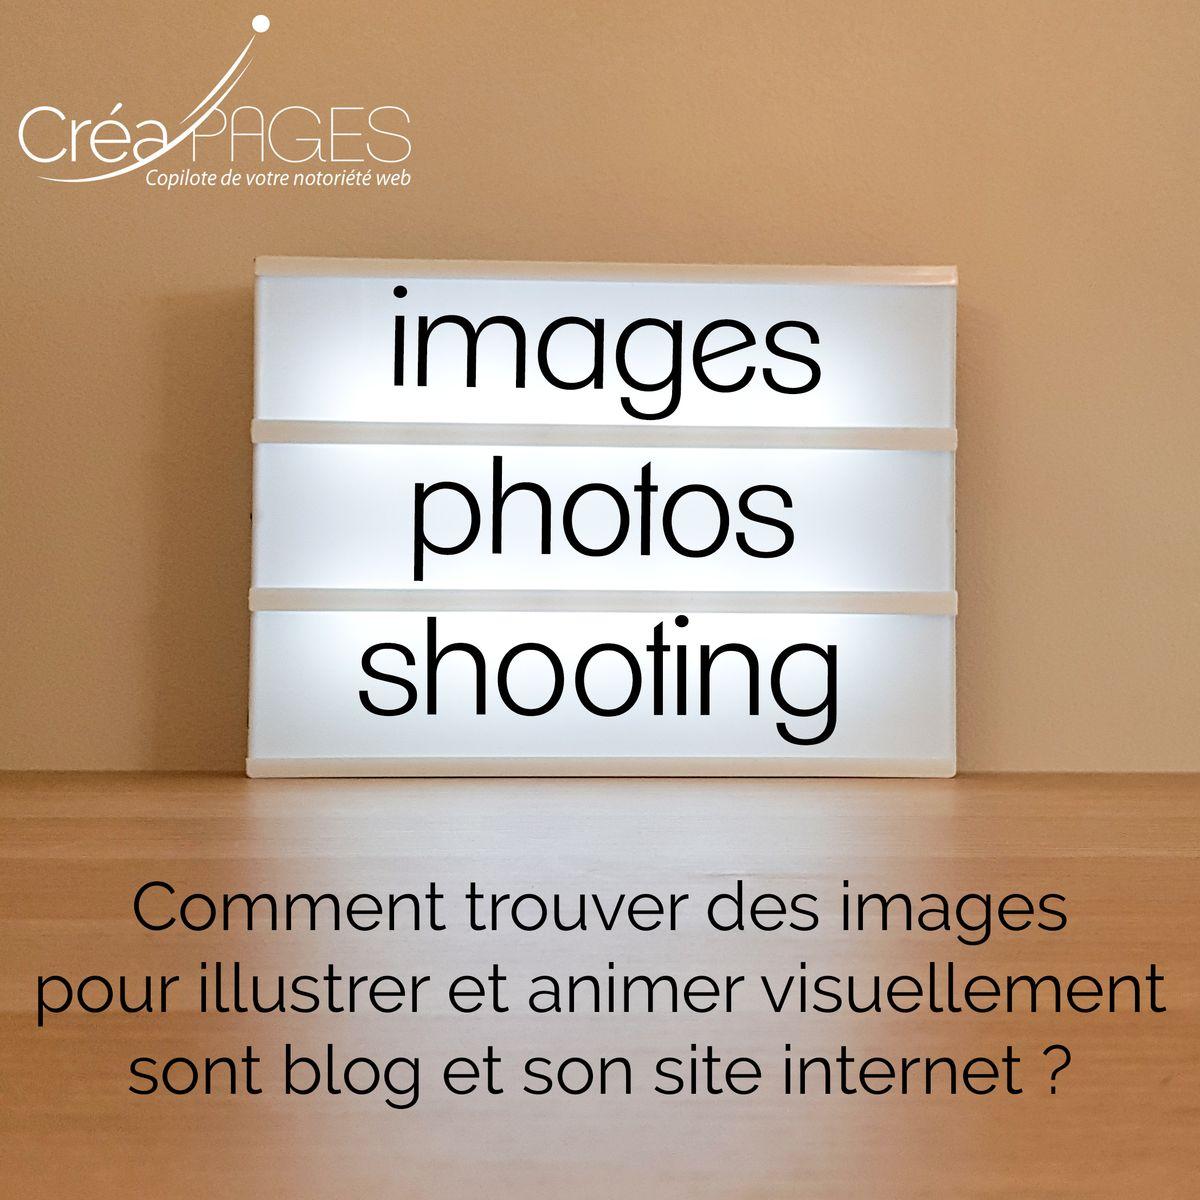 Comment trouver des images pour illustrer son site internet